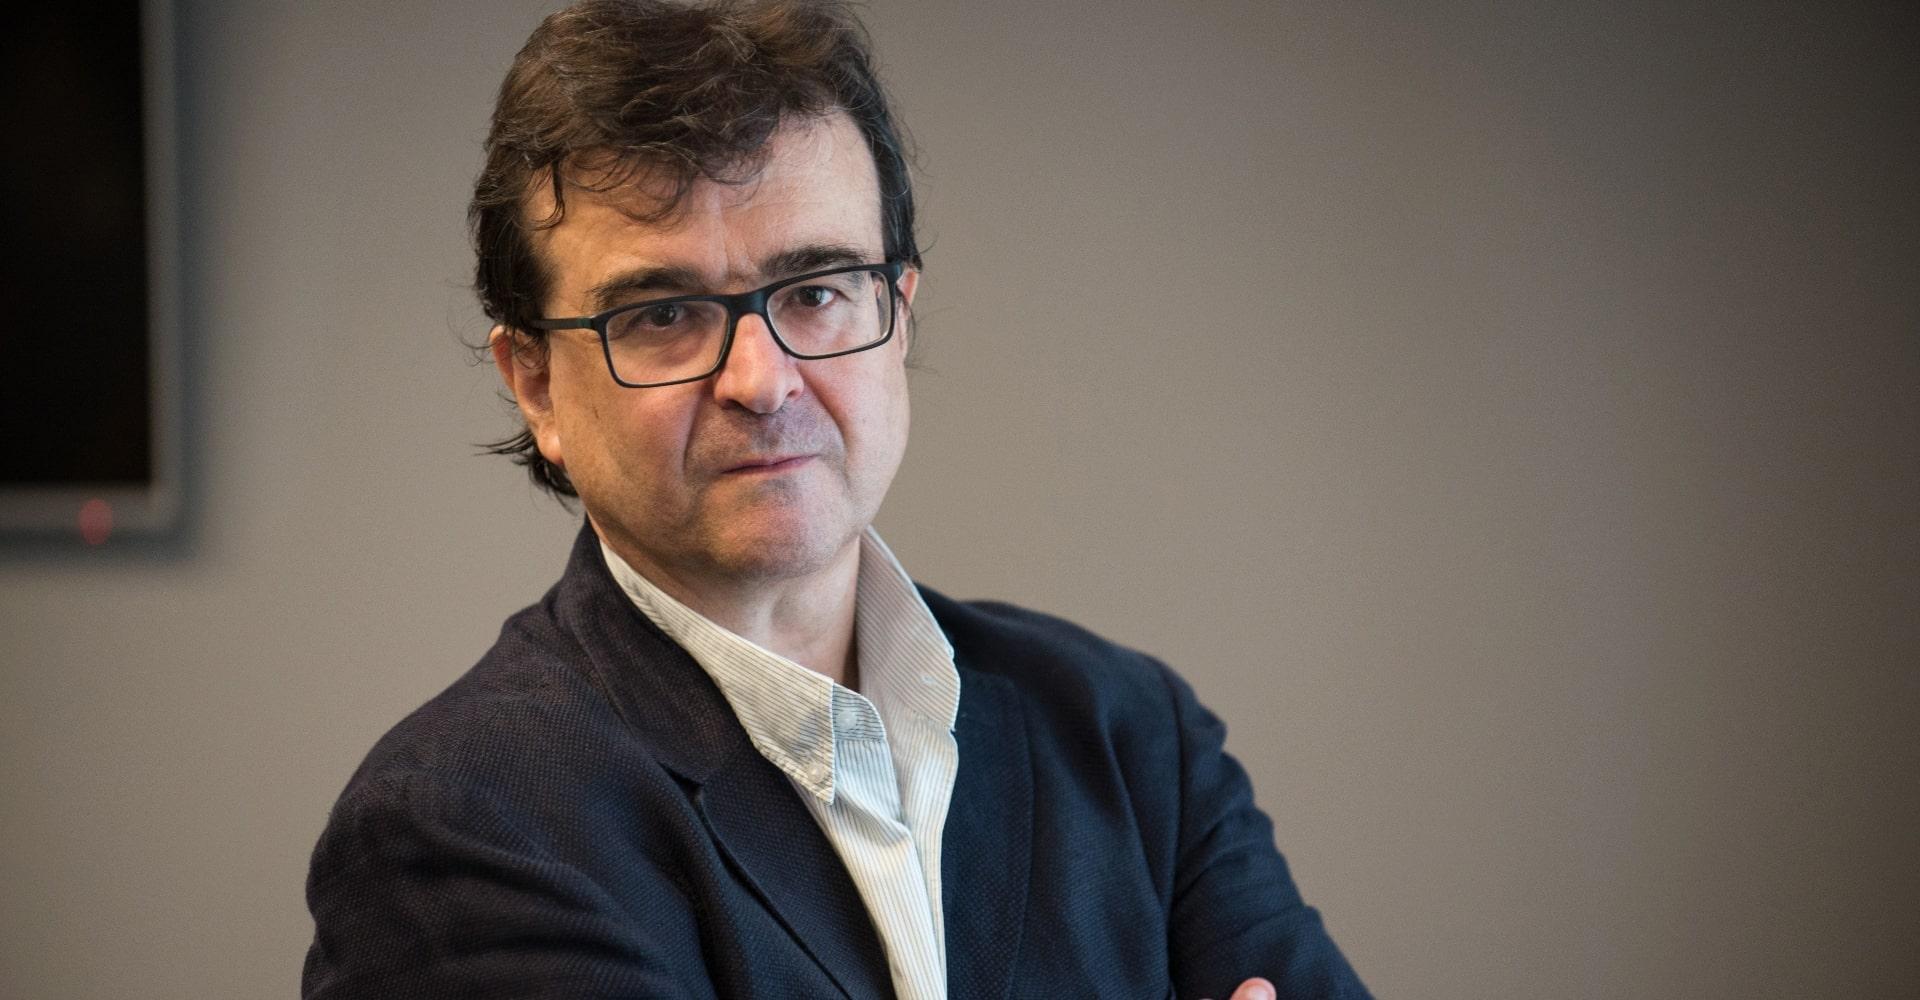 La letteratura è una forma di menzogna: Javier Cercas si racconta